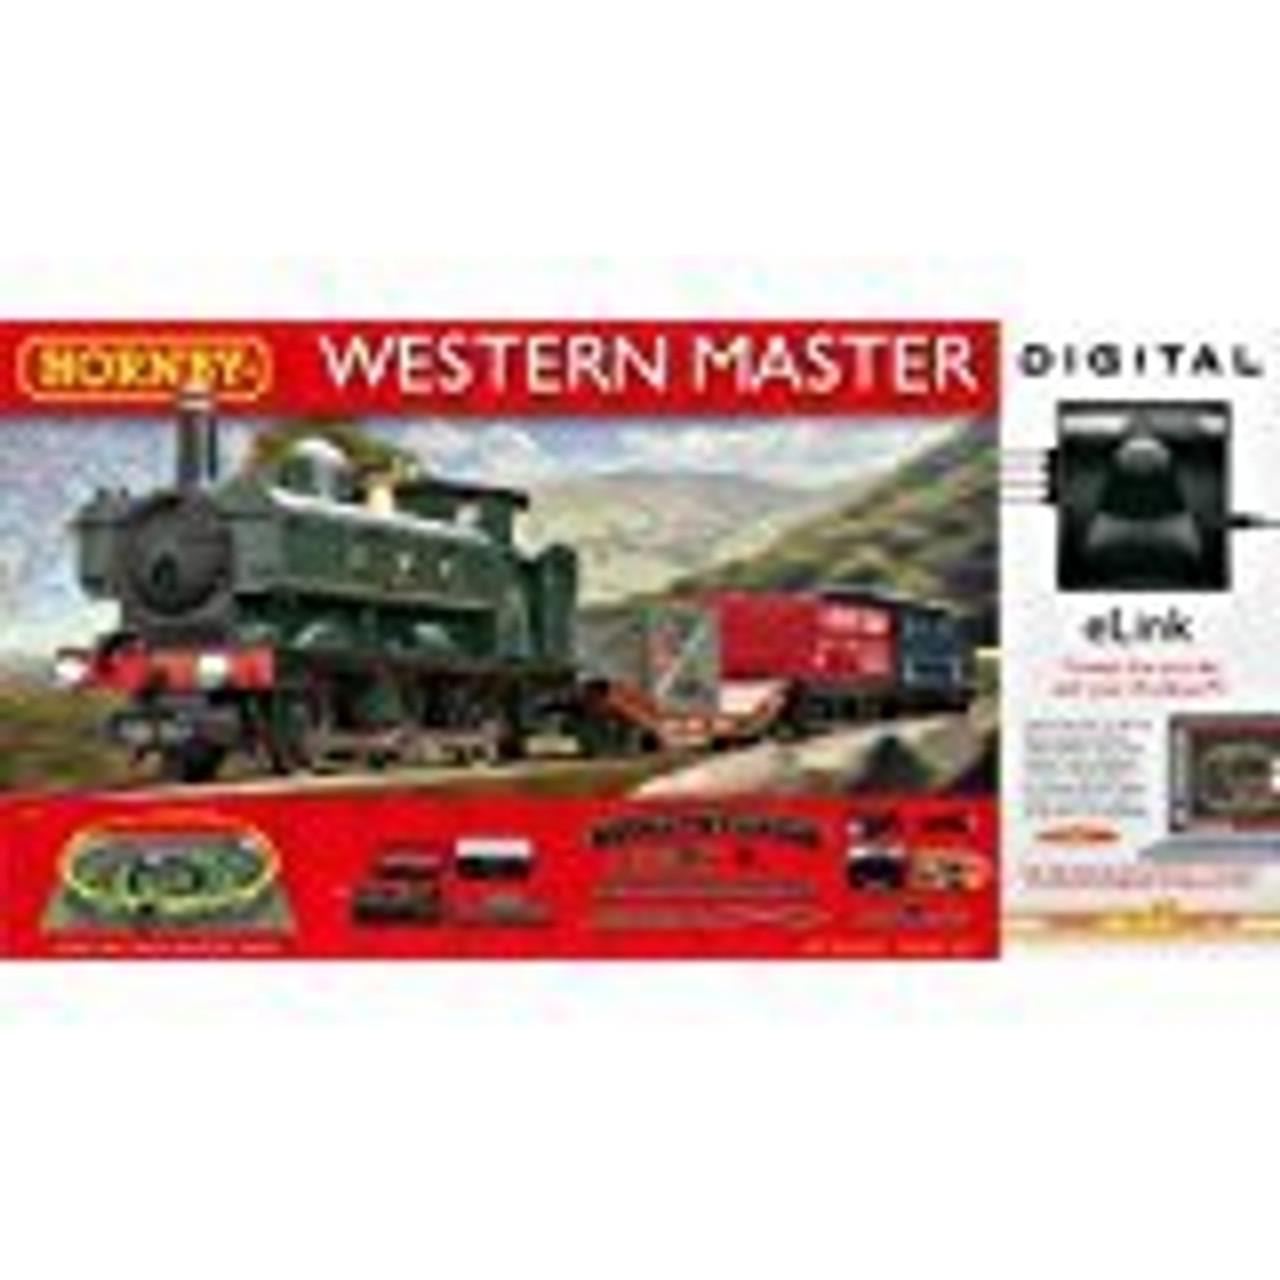 WESTERN DIGITAL TRAIN SET